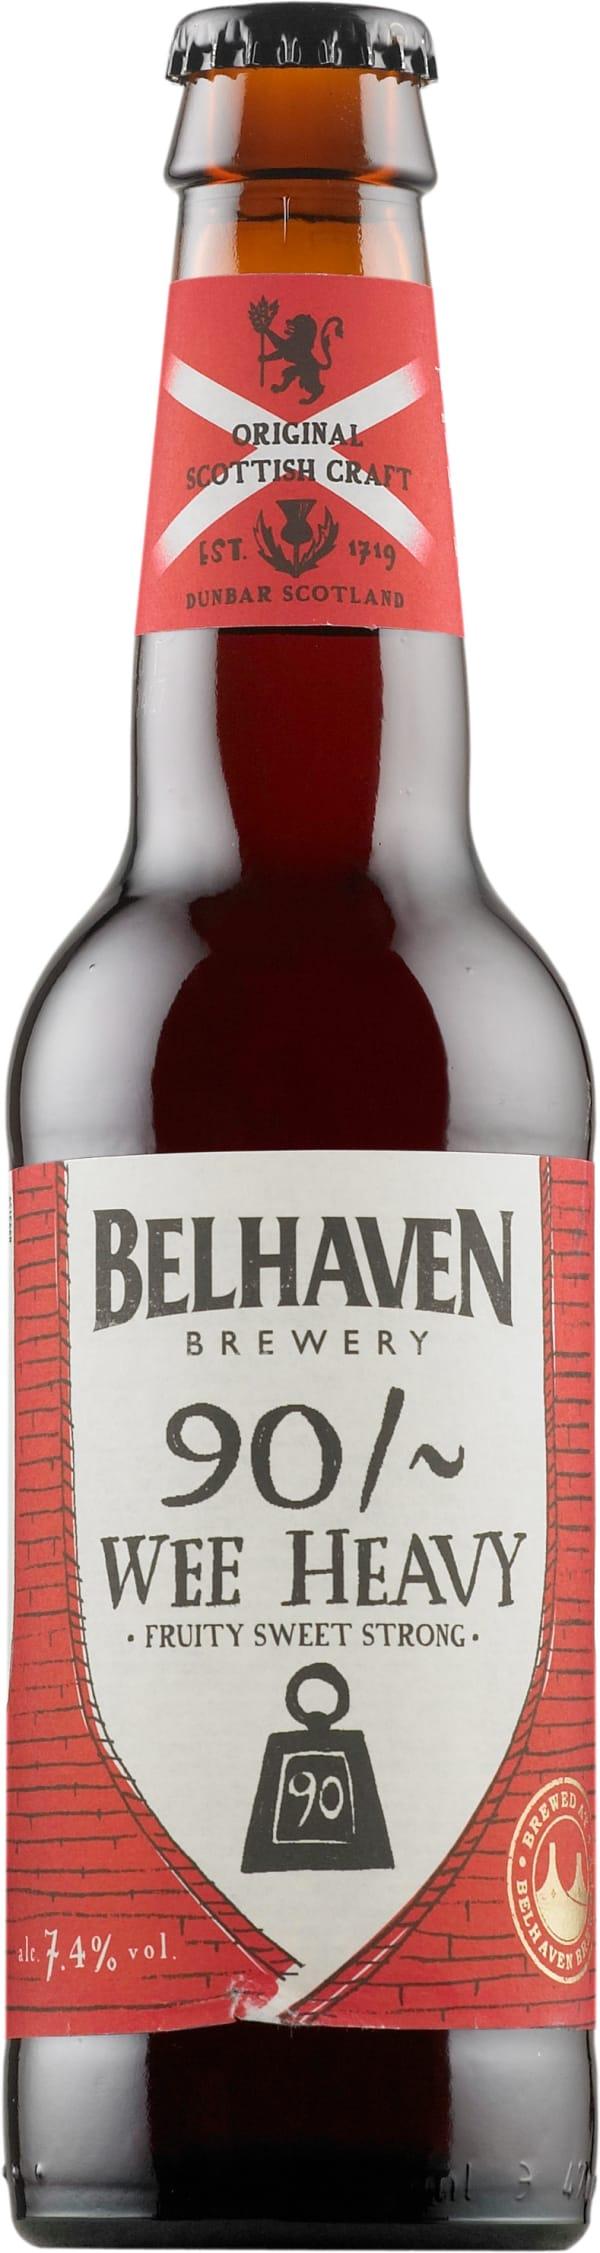 Belhaven 90 Wee Heavy